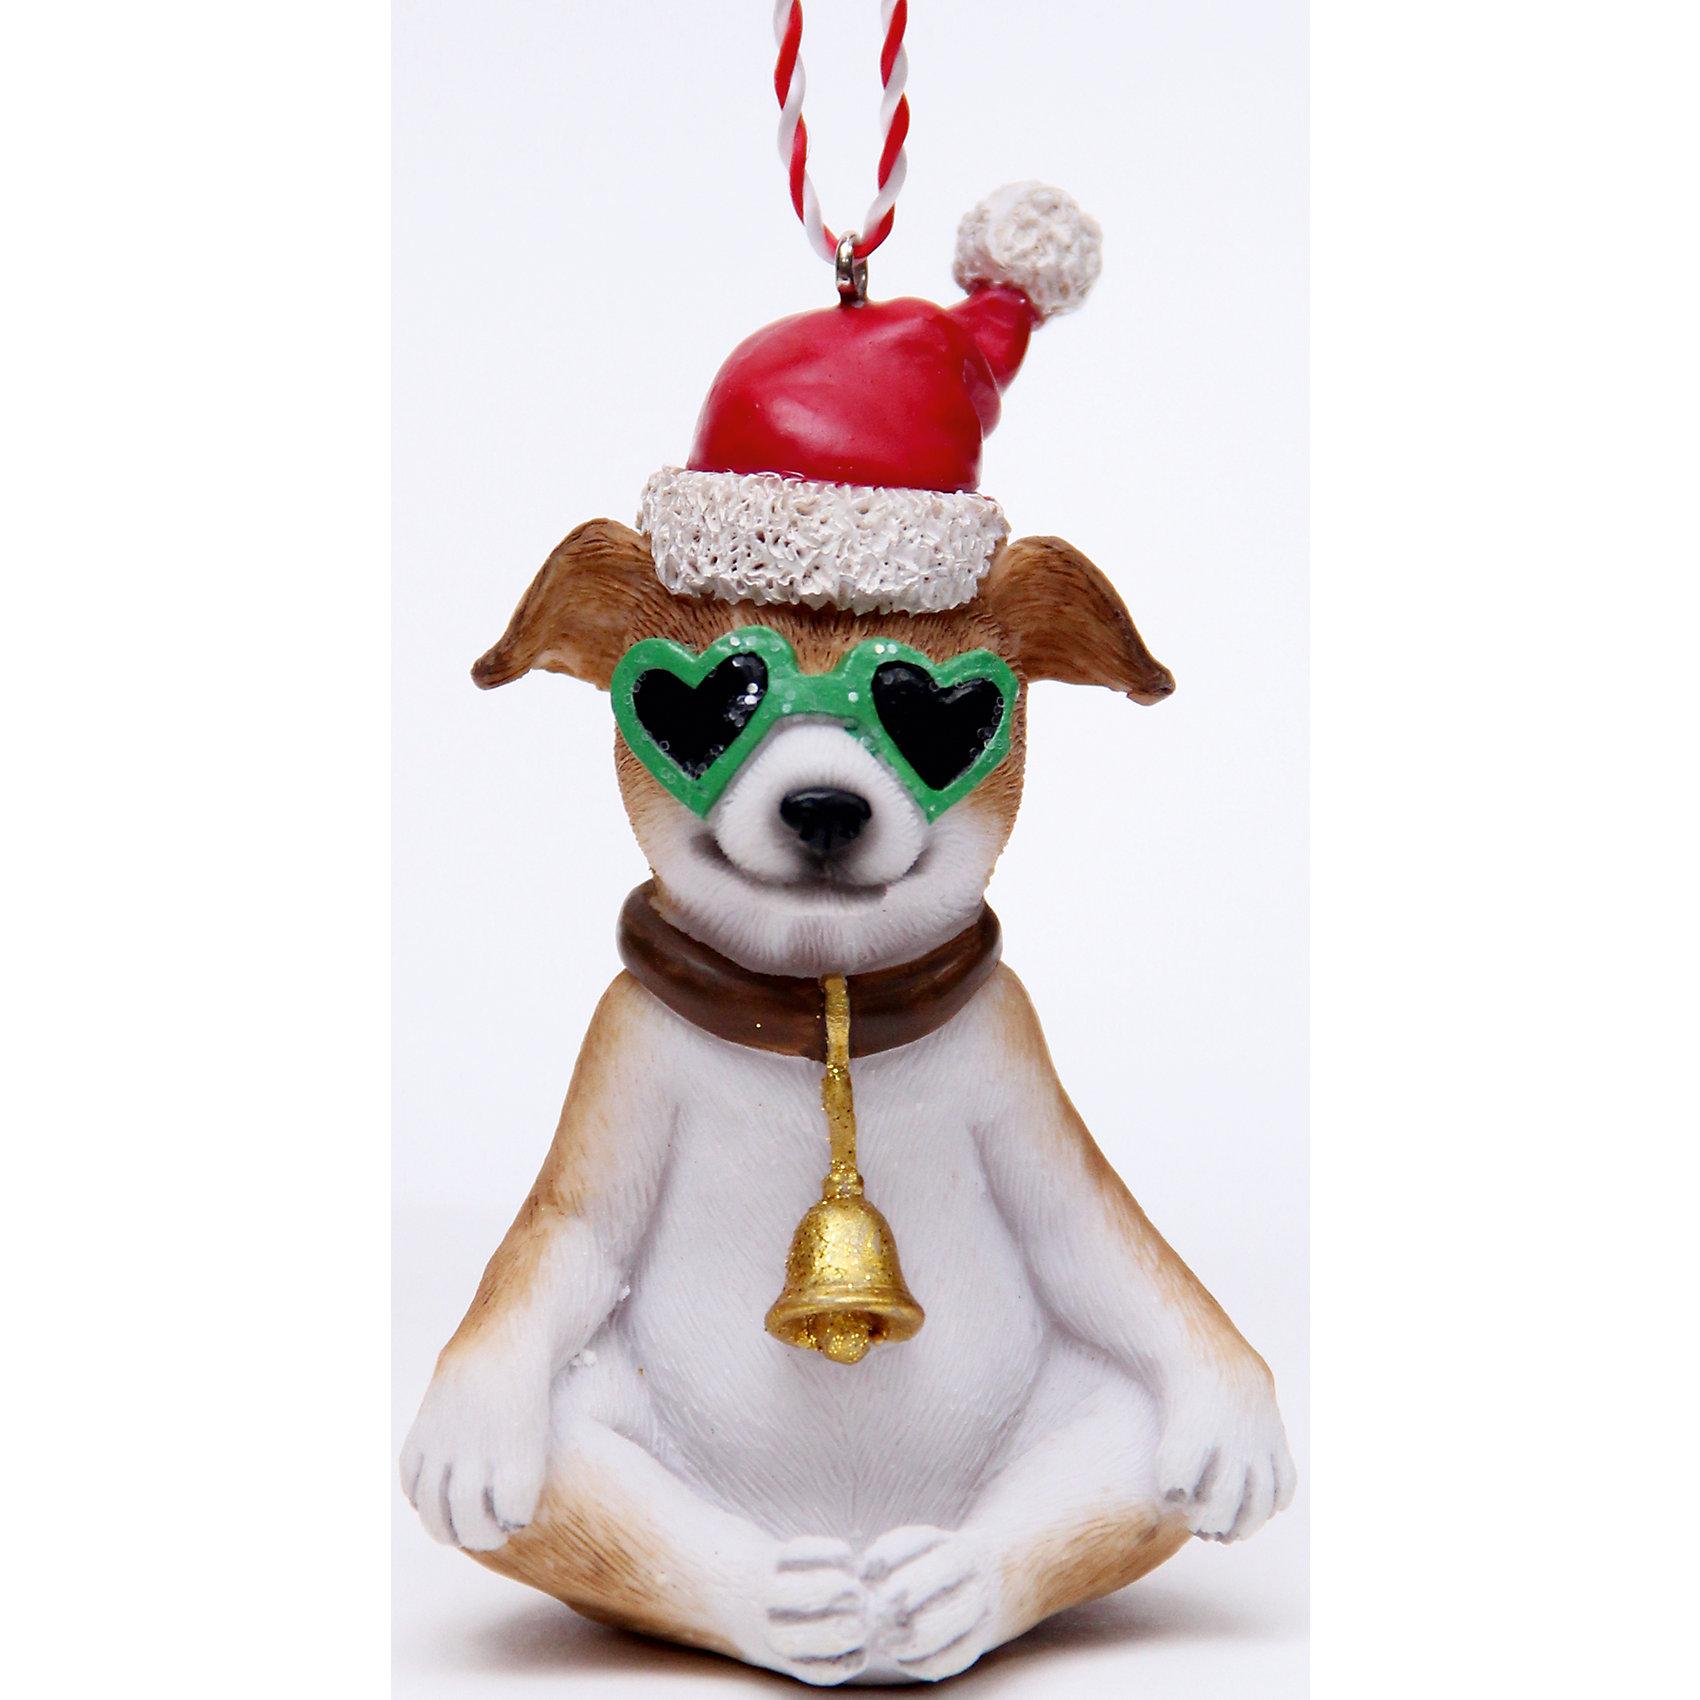 Украшение Собака в зеленых очках 5,5*5,5*10 смВсё для праздника<br>Украшение новогоднее подвесное СОБАКА В ЗЕЛЕНЫХ ОЧКАХ арт.41953из полирезины / 5,5х5,5х10<br><br>Ширина мм: 60<br>Глубина мм: 60<br>Высота мм: 100<br>Вес г: 115<br>Возраст от месяцев: 60<br>Возраст до месяцев: 600<br>Пол: Унисекс<br>Возраст: Детский<br>SKU: 5144696